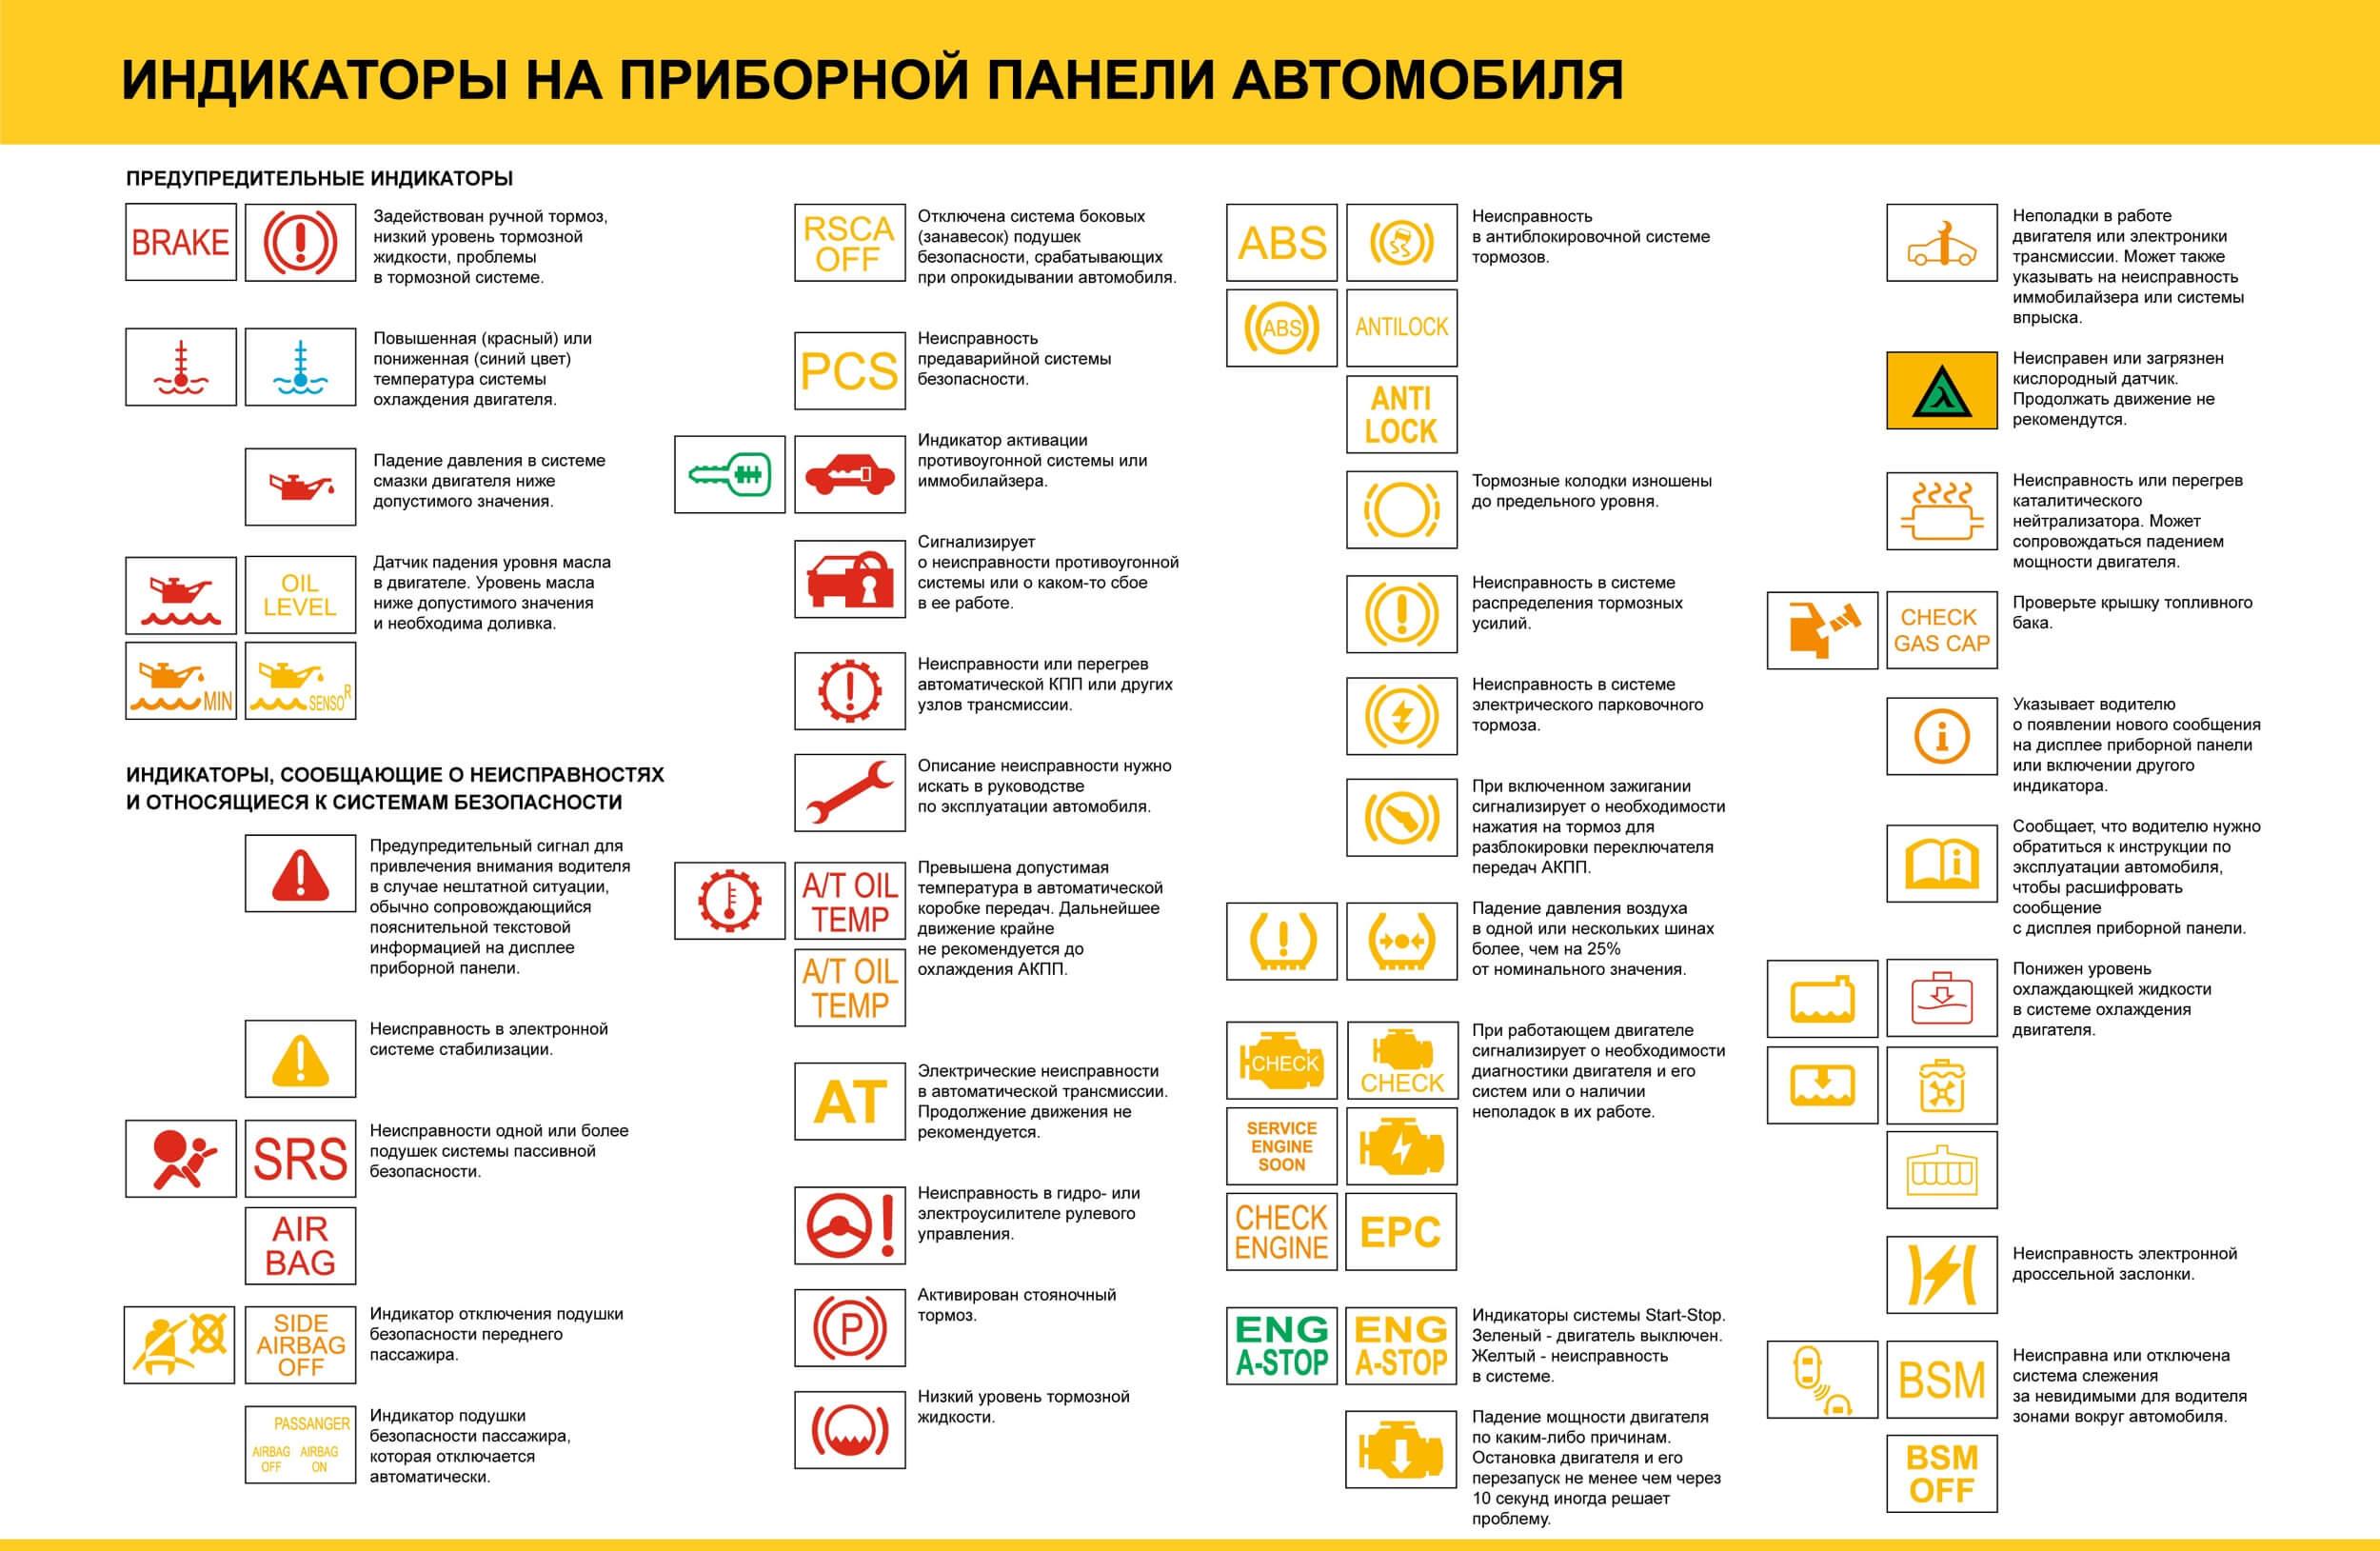 Индикаторы на приборной доске автомобиля